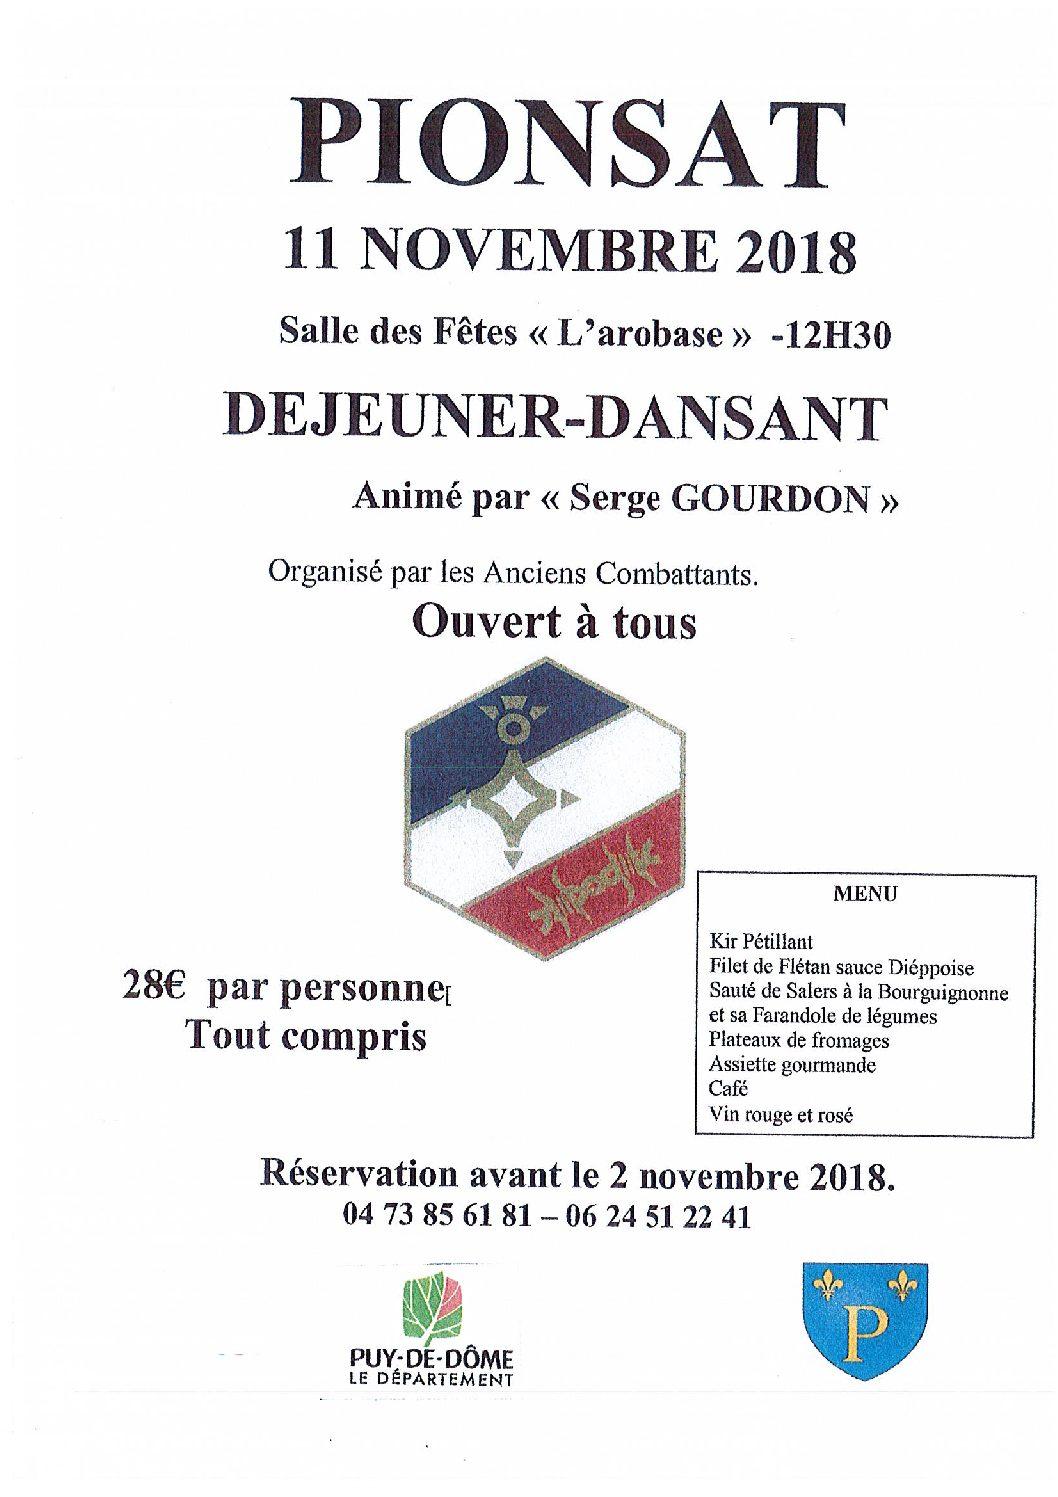 Déjeuner dansant : 11 novembre 2018